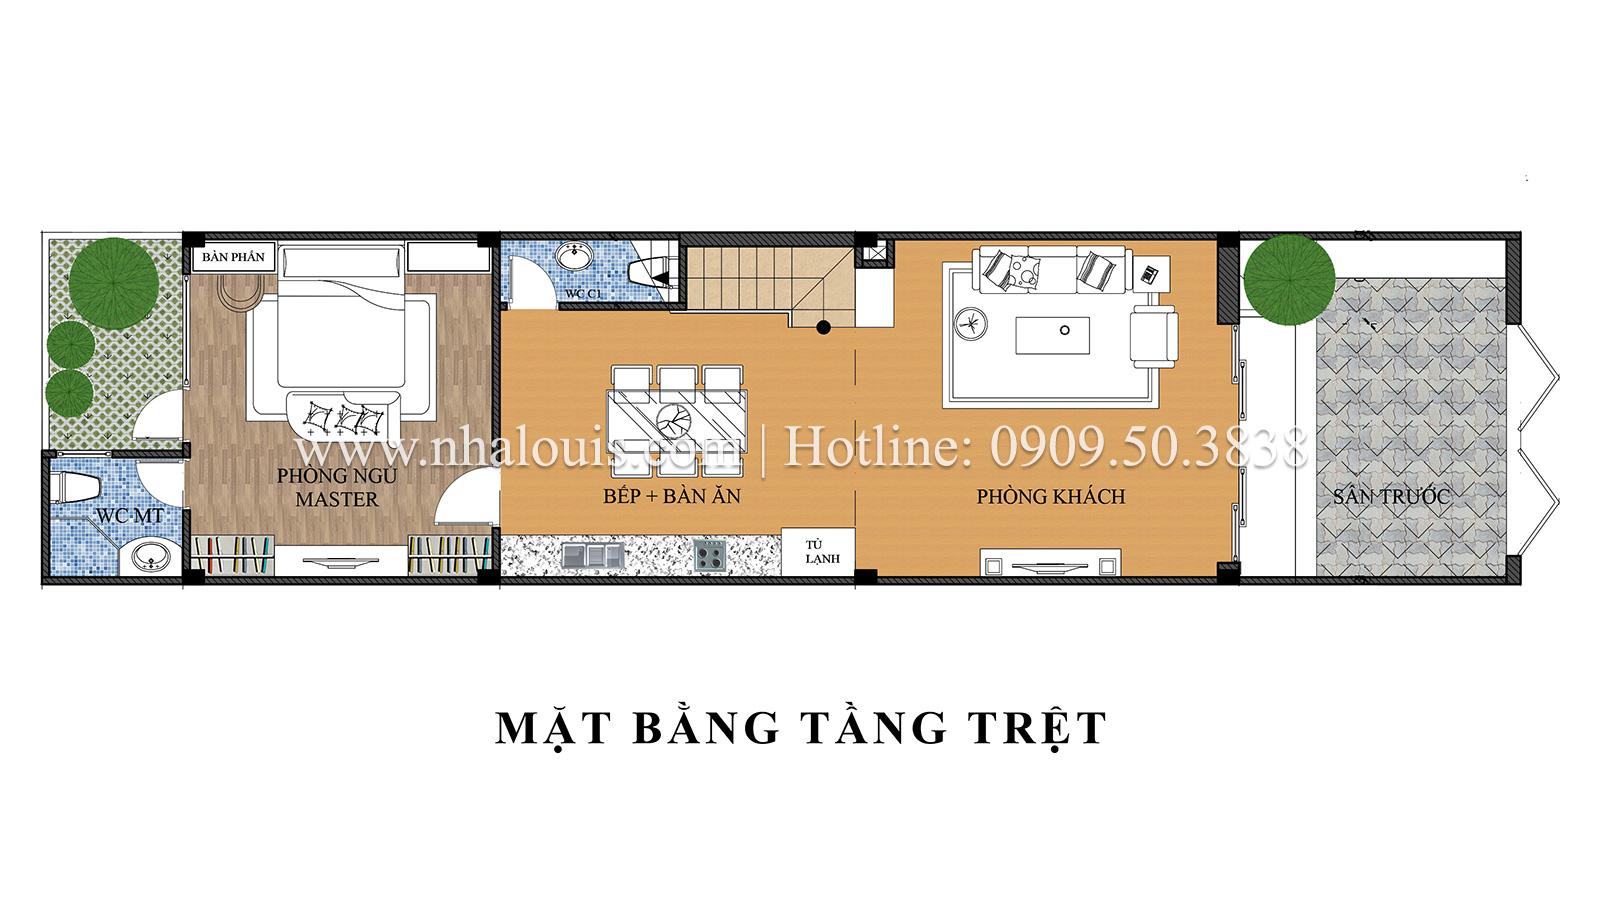 Mặt bằng tầng trệt Mẫu nhà ống 3 tầng đẹp tại Long An thiết kế theo xu hướng mới - 04